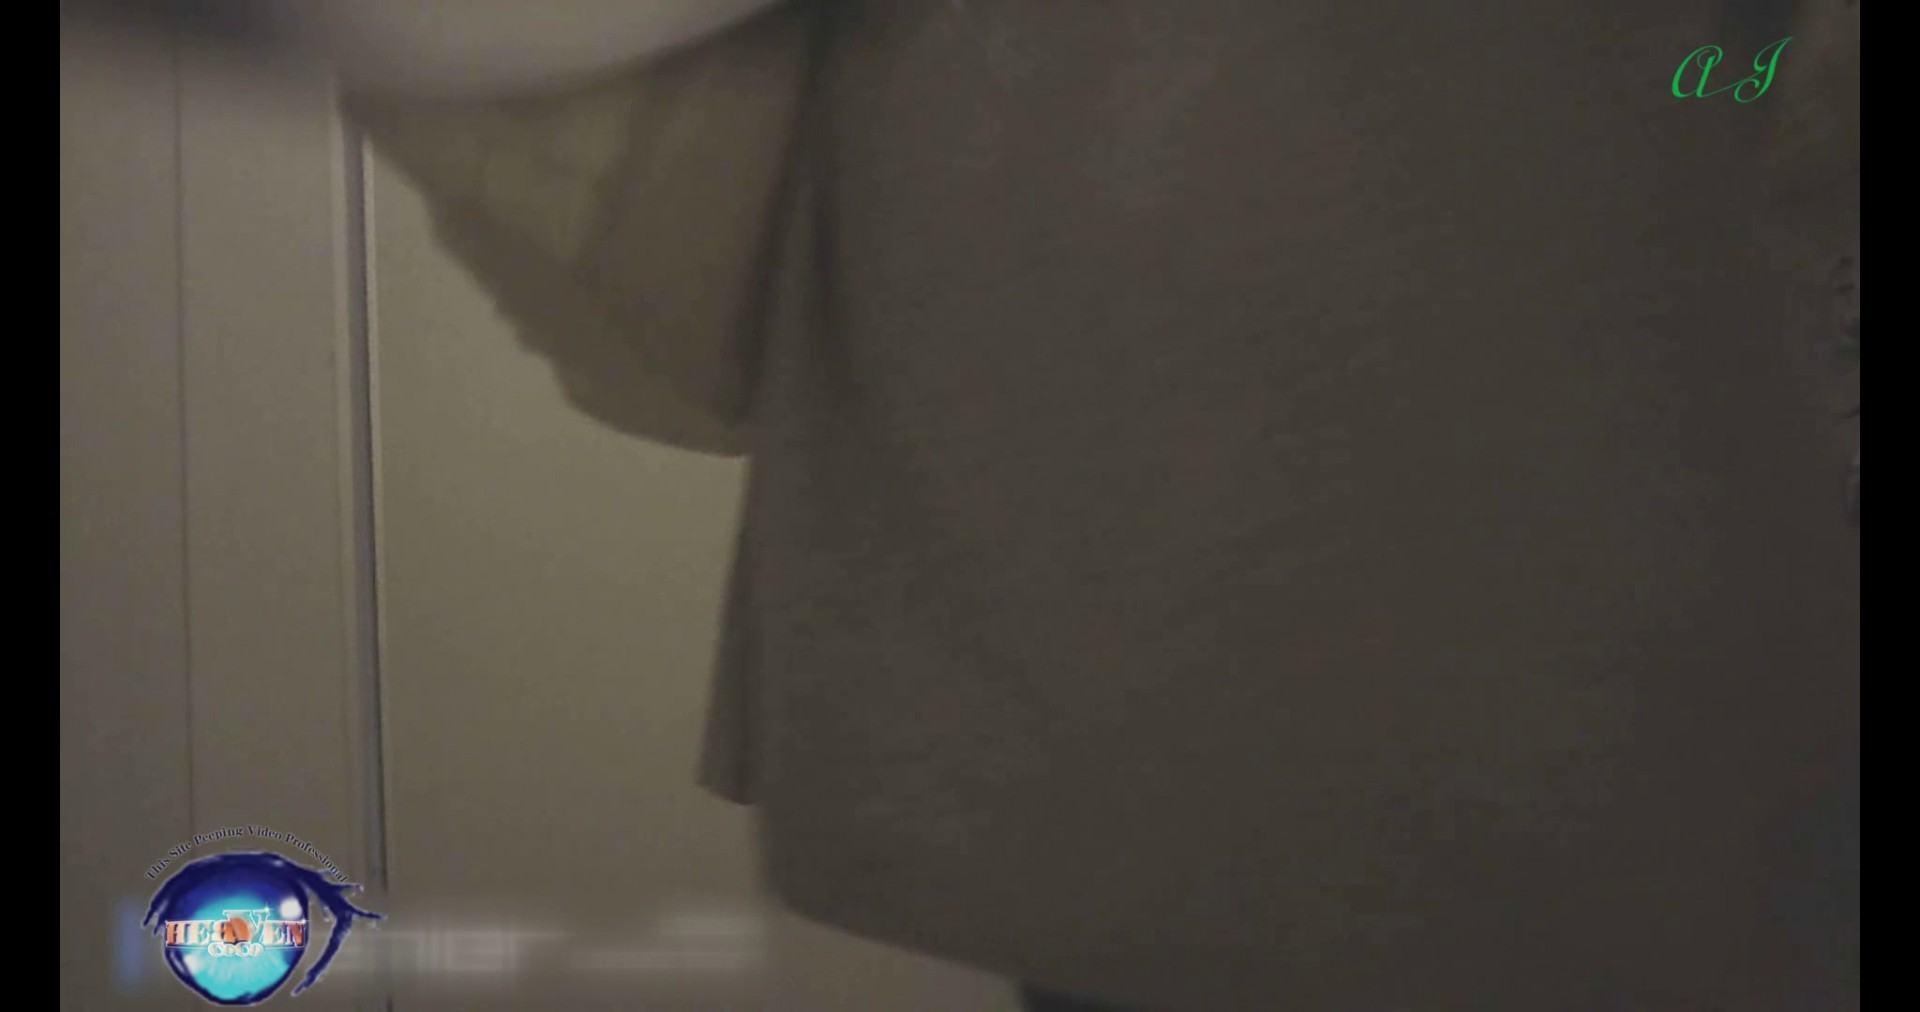 【某有名大学女性洗面所】有名大学女性洗面所 vol.74 前編 美しいOLの裸体 オメコ無修正動画無料 77pic 70